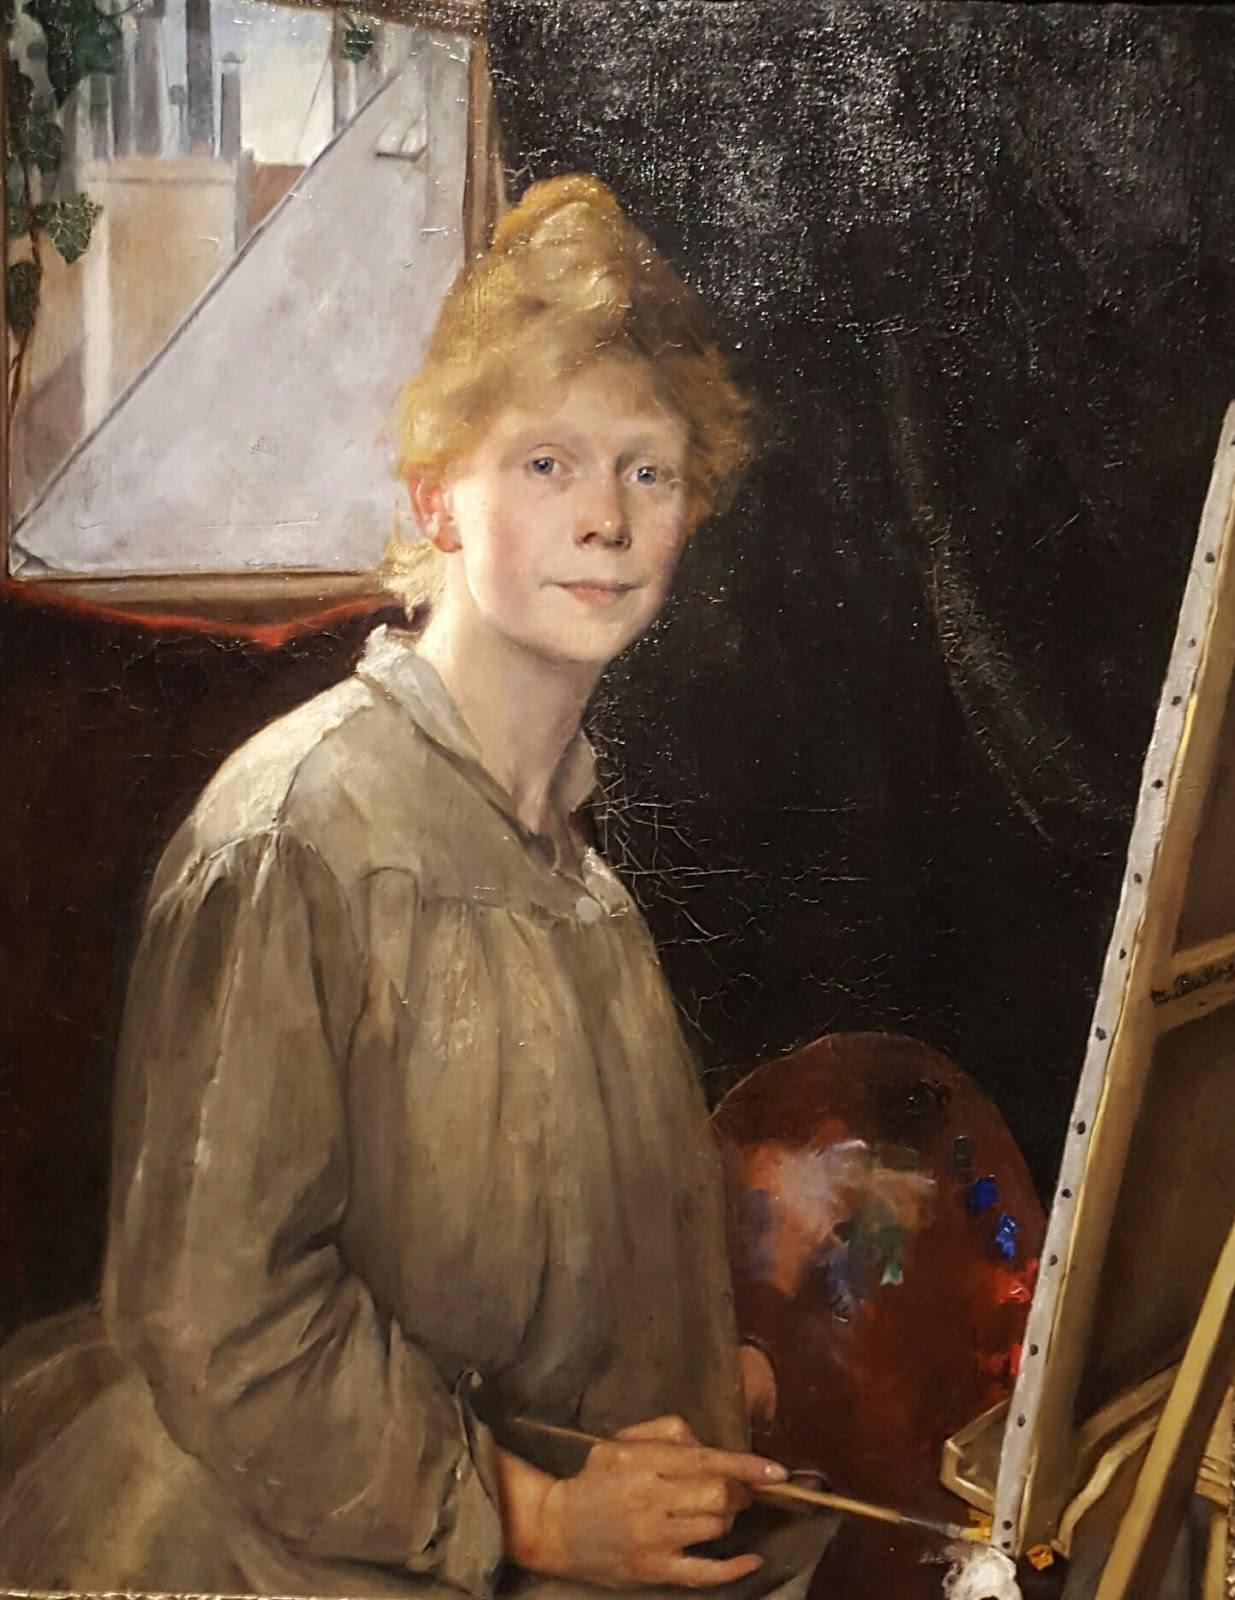 Мина Карлссон (1857-1943) - шведская художница, известная картинами, изображающими сцены из повседневной жизни.